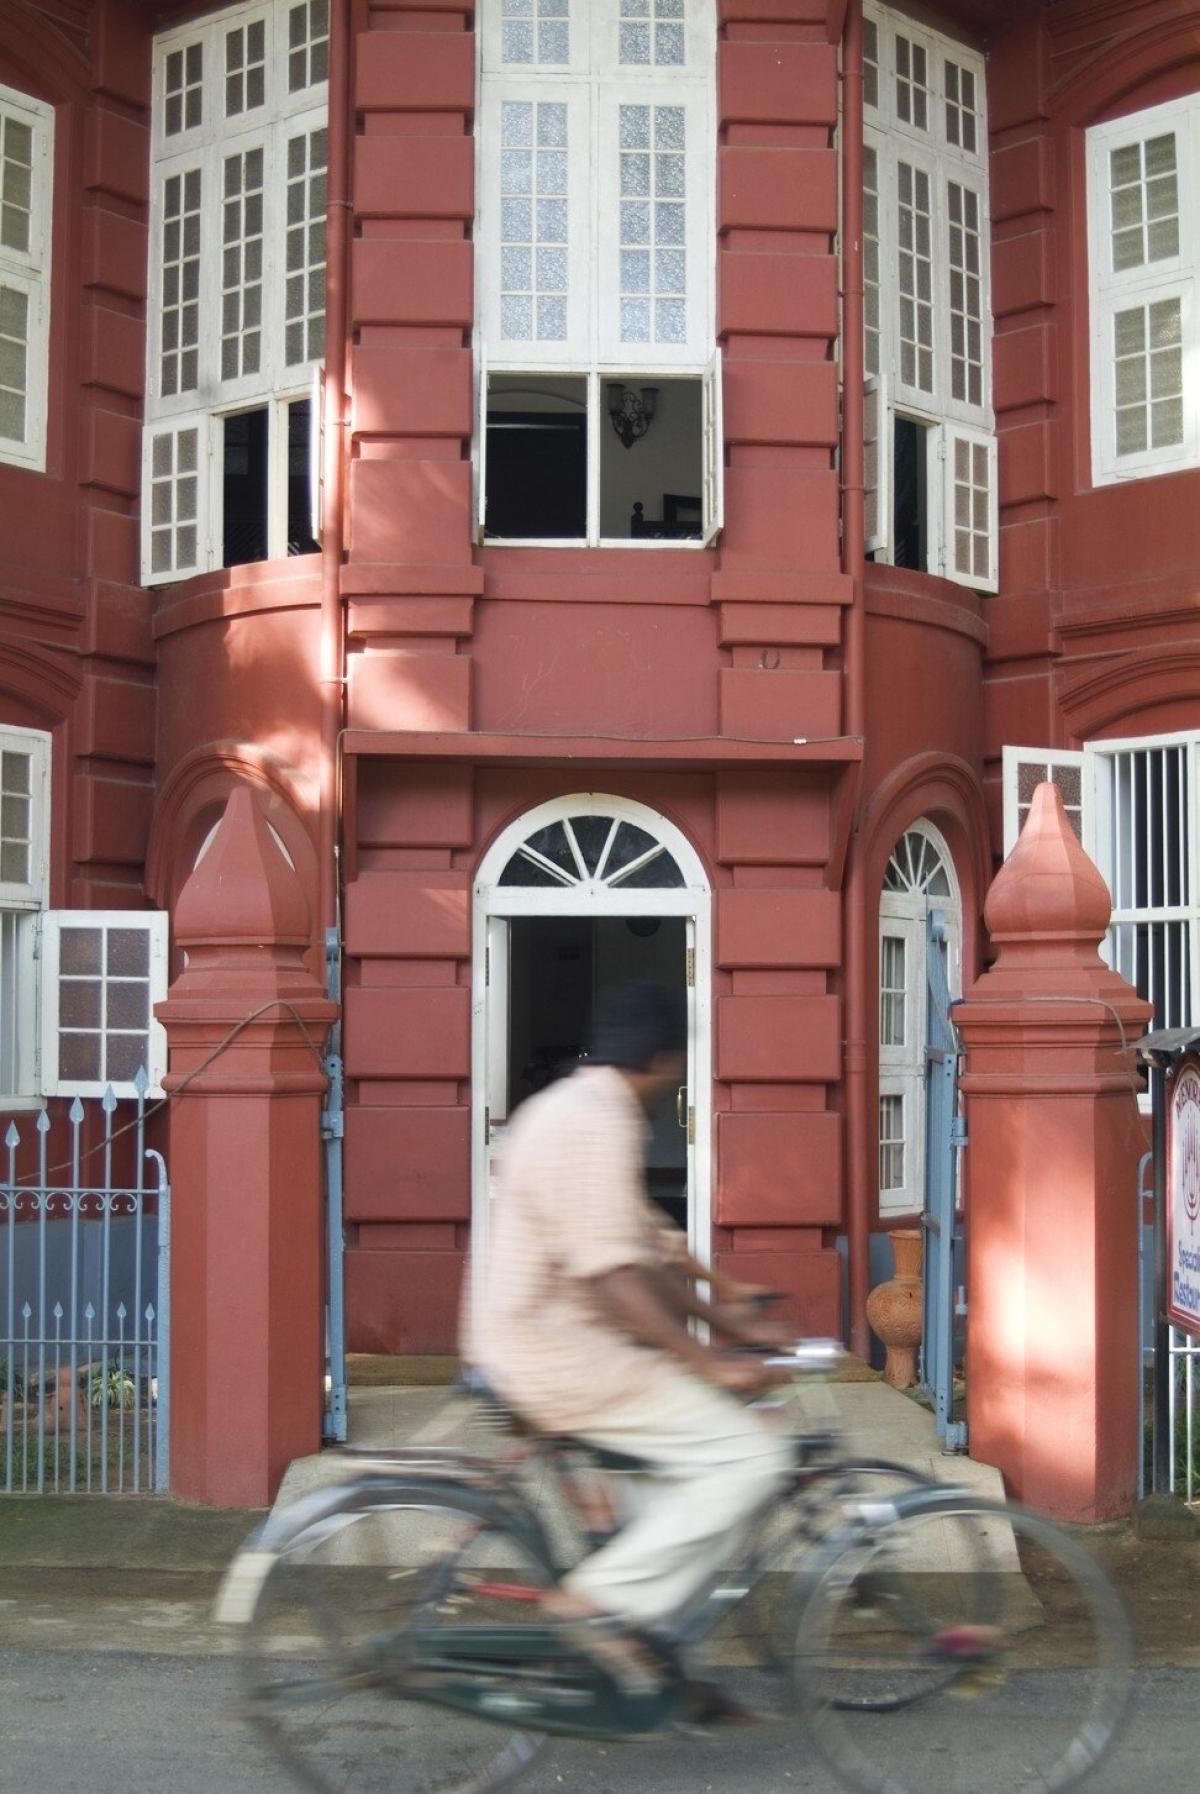 Một ngôi nhà kiến trúc Bồ Đào Nha ở Kochi, Ấn Độ.